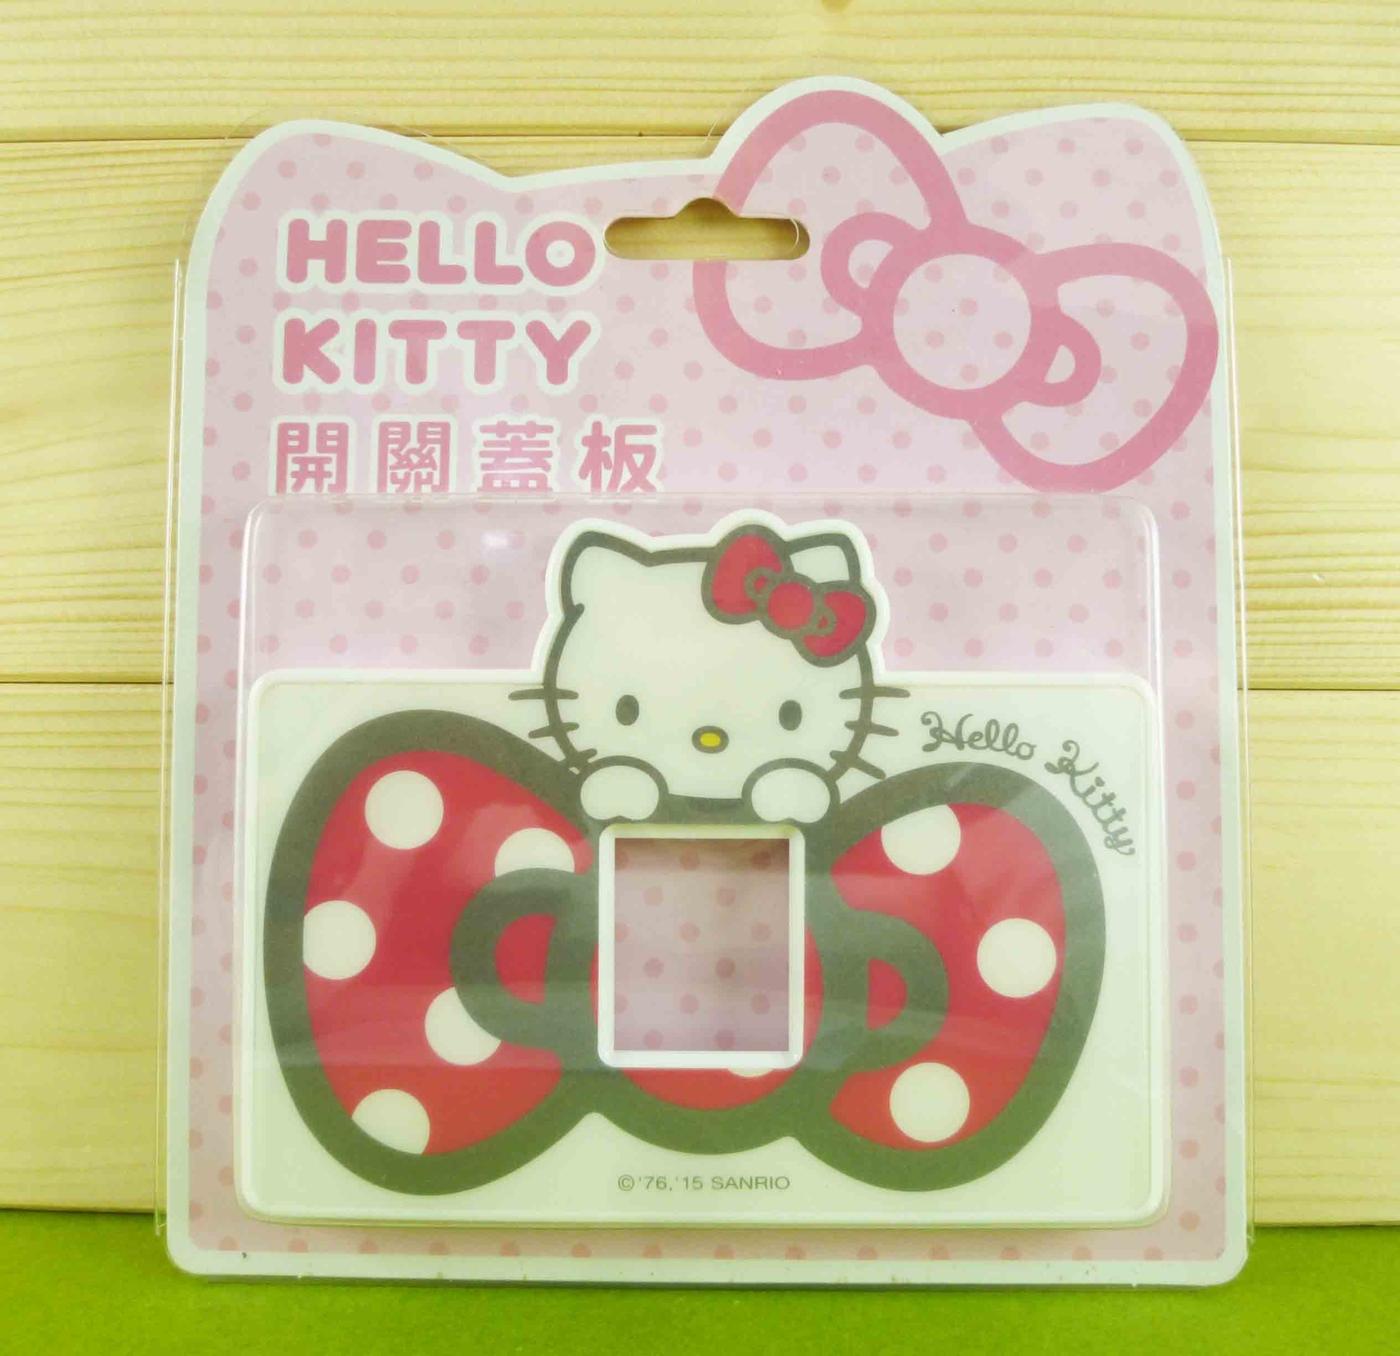 【震撼精品百貨】Hello Kitty 凱蒂貓~開關蓋面板-單孔-粉色蝴蝶結【共1款】